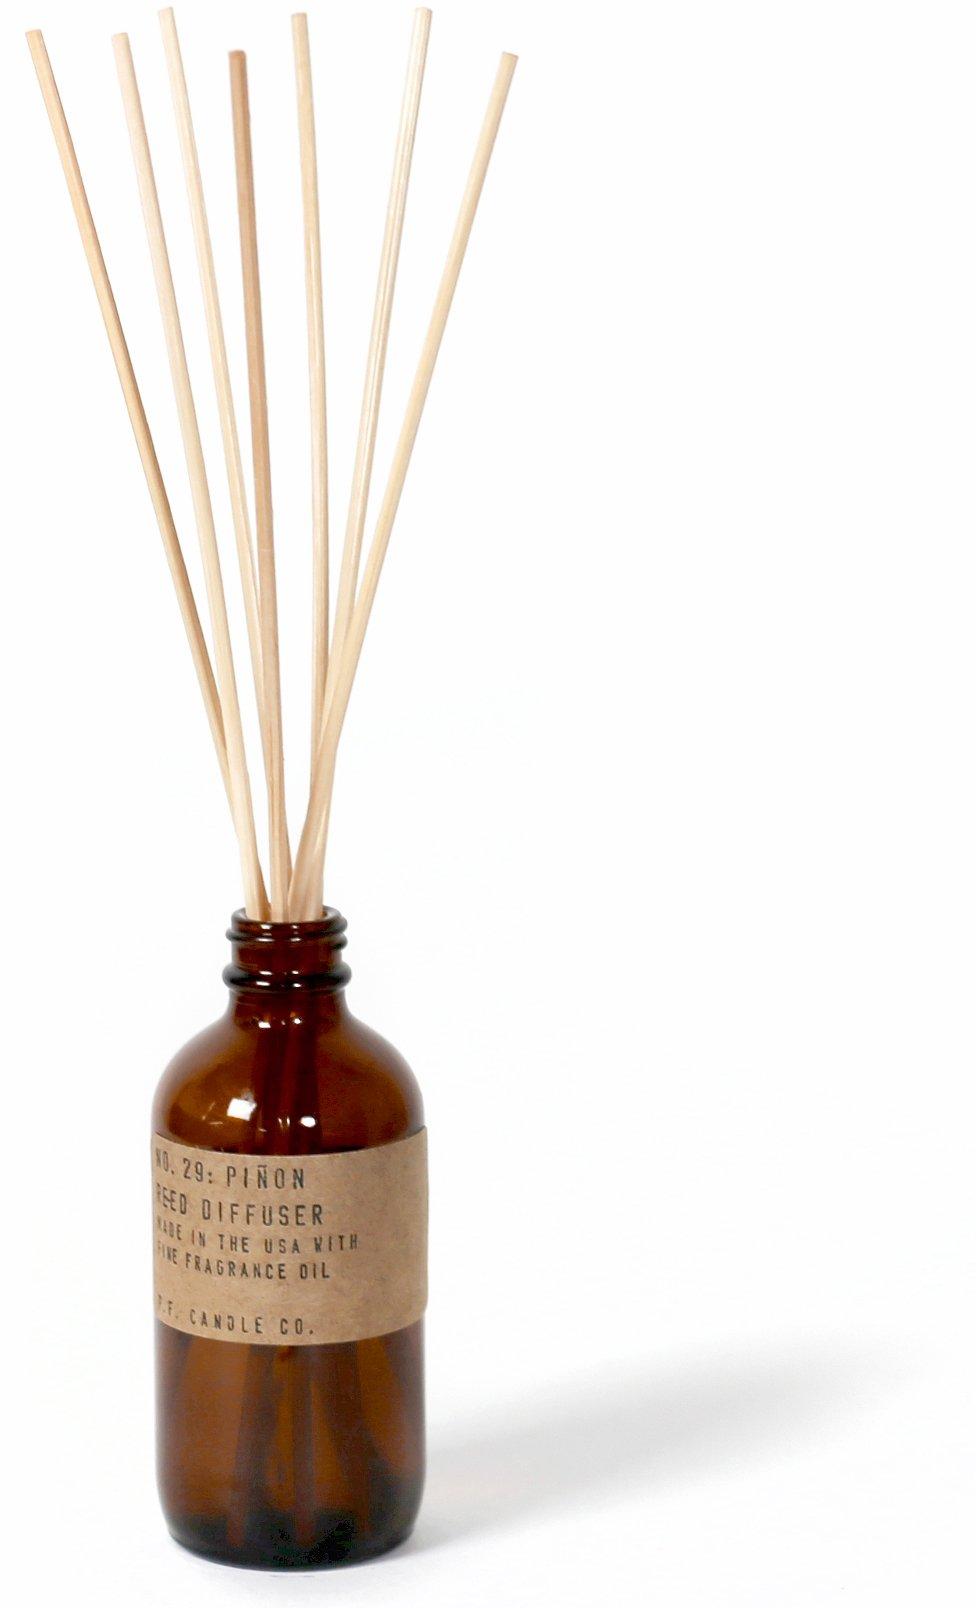 P.F. Candle Co. No. 29: Pinon Diffuser